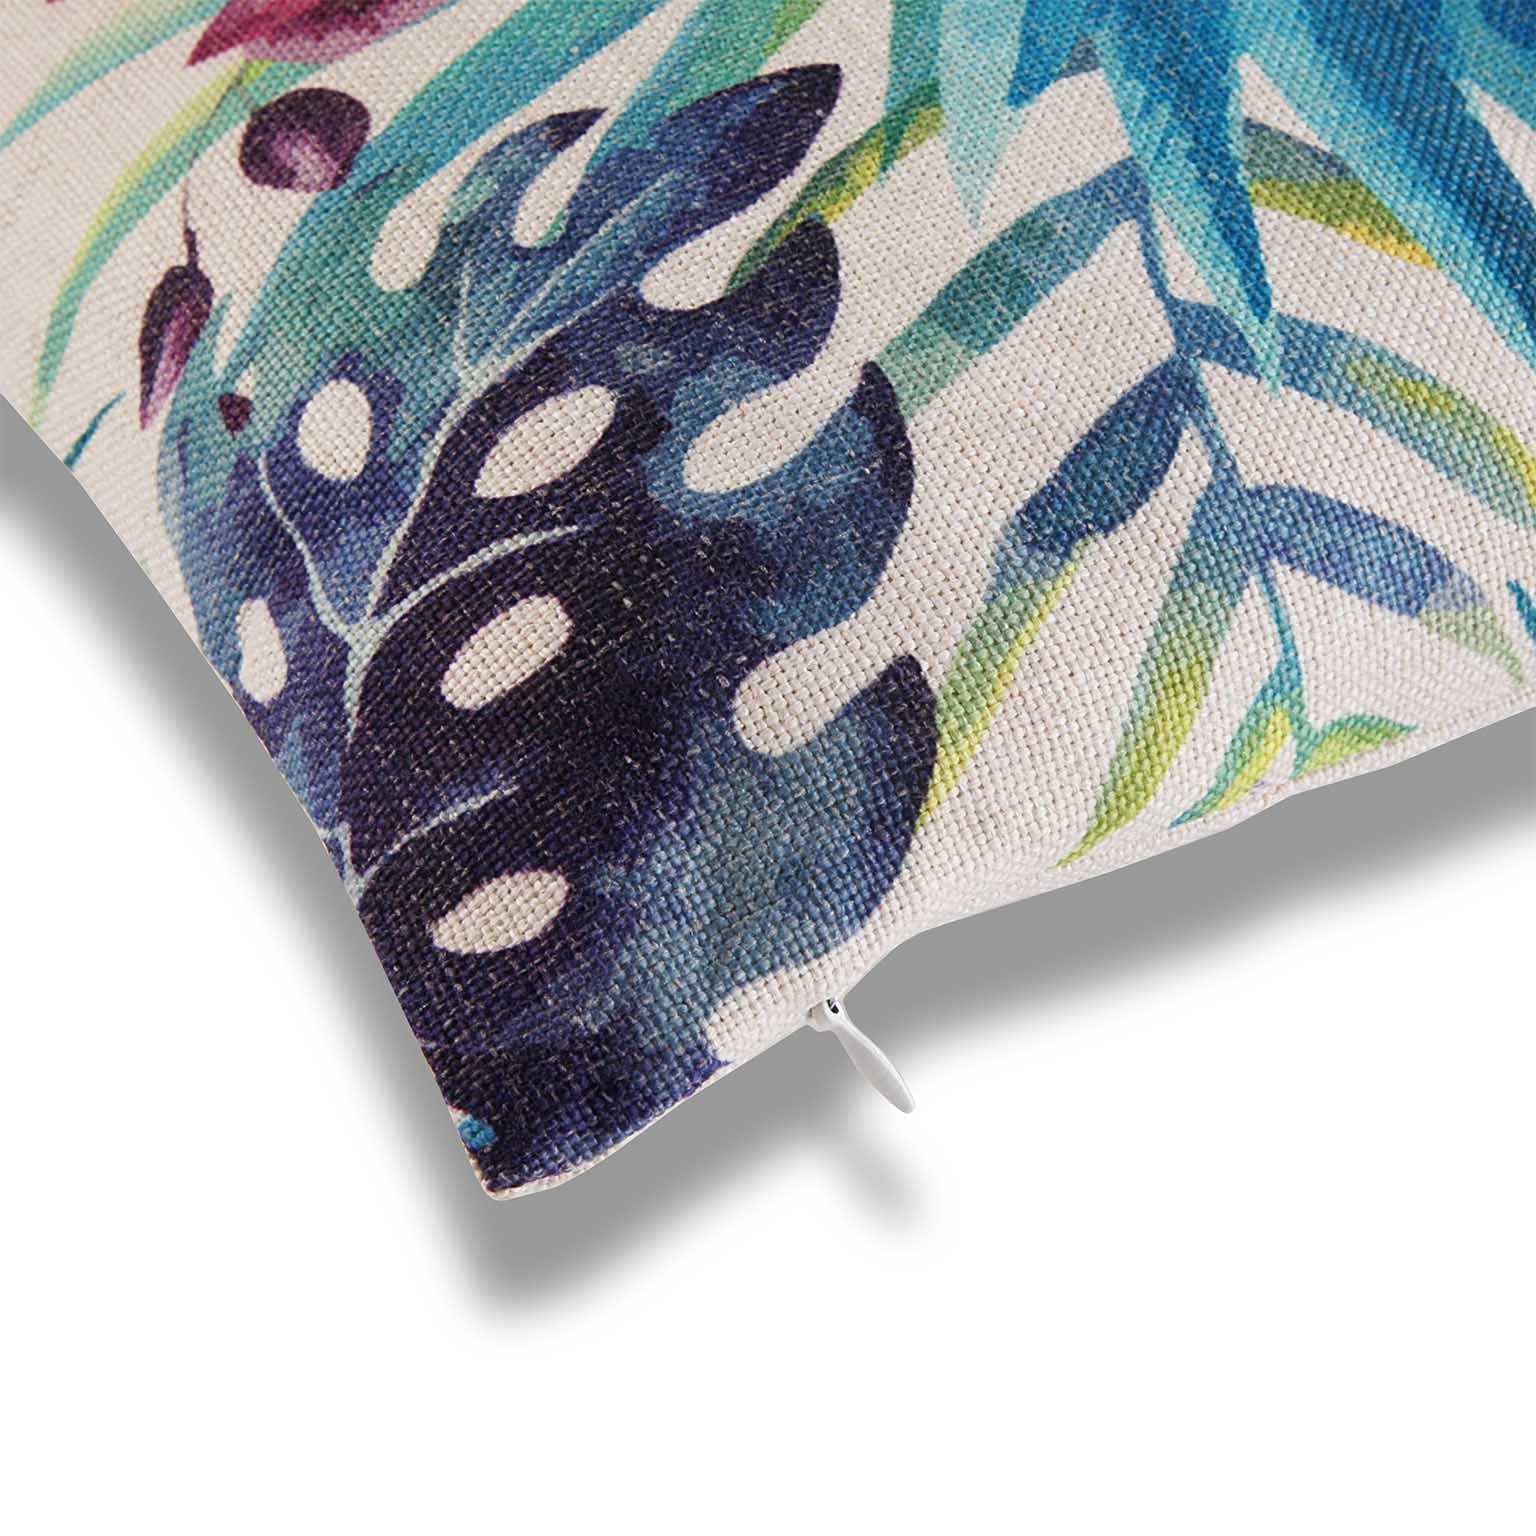 Coussin Épais Tropical Feuilles Bleu Vert Et Fleurs 45X45Cm Borneo avec Coussin Bleu Vert